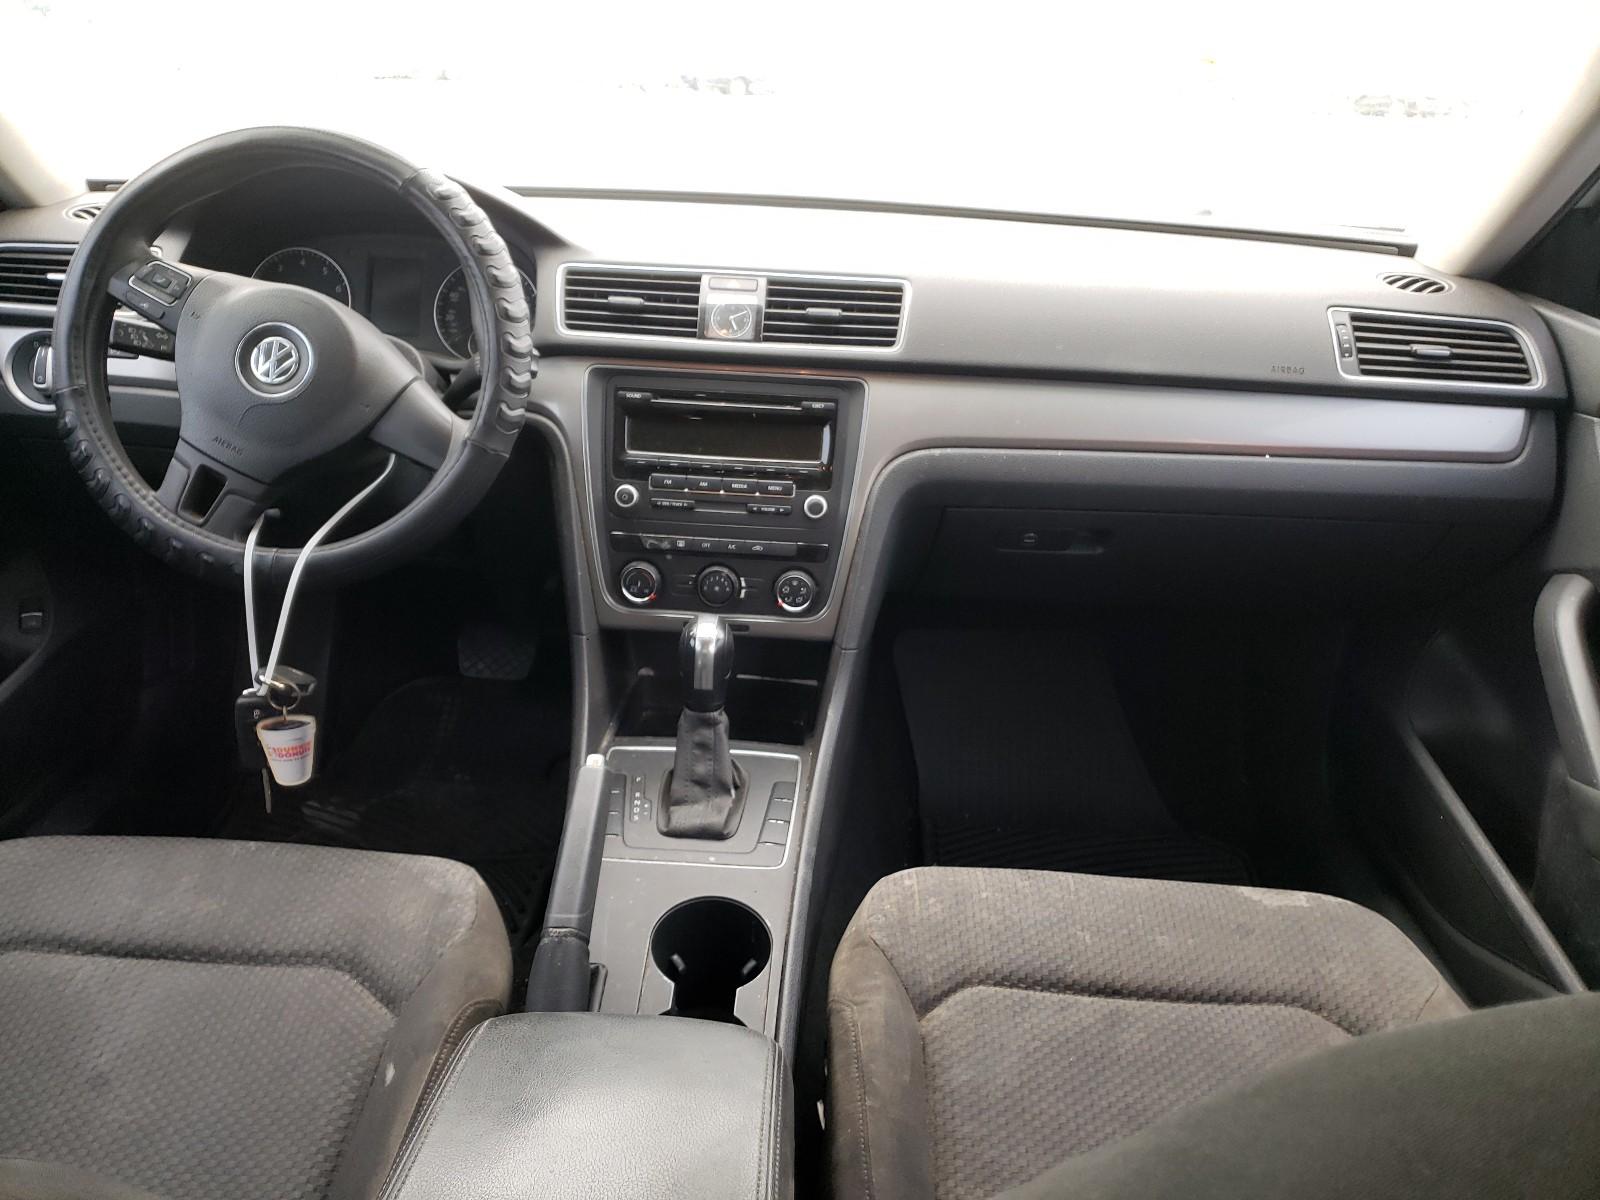 2013 Volkswagen Passat S